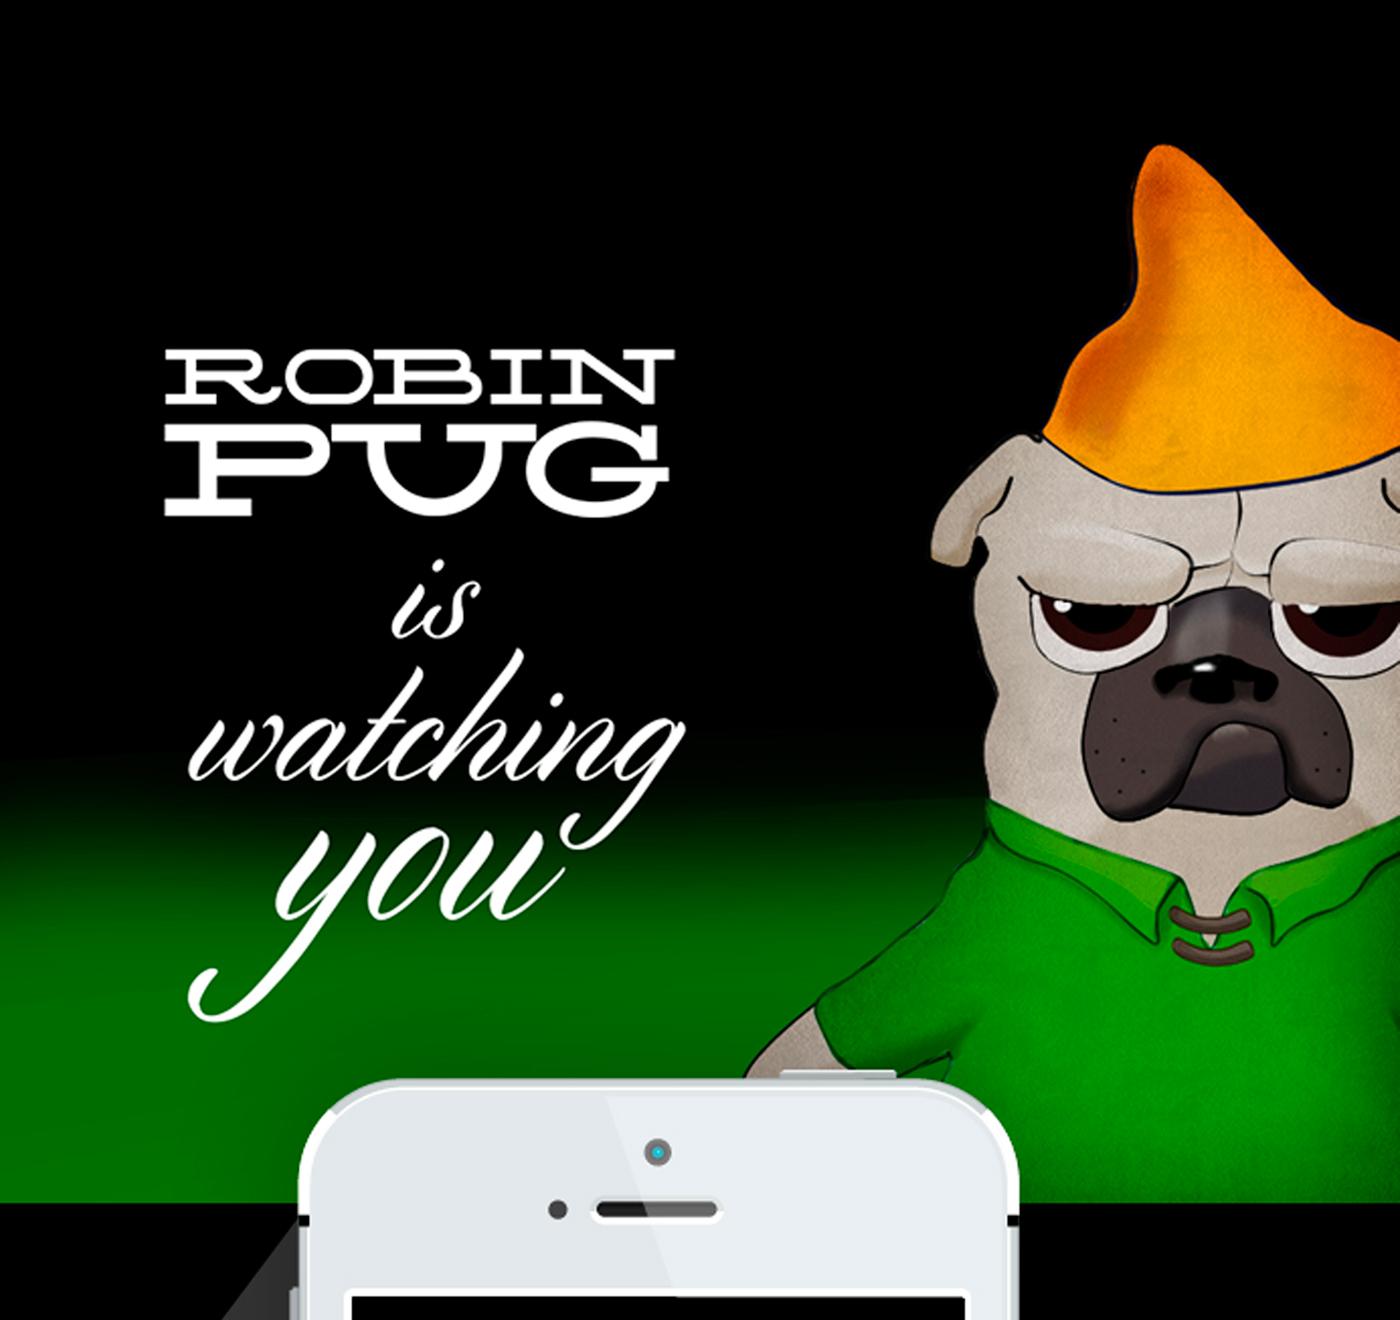 Robin Pug